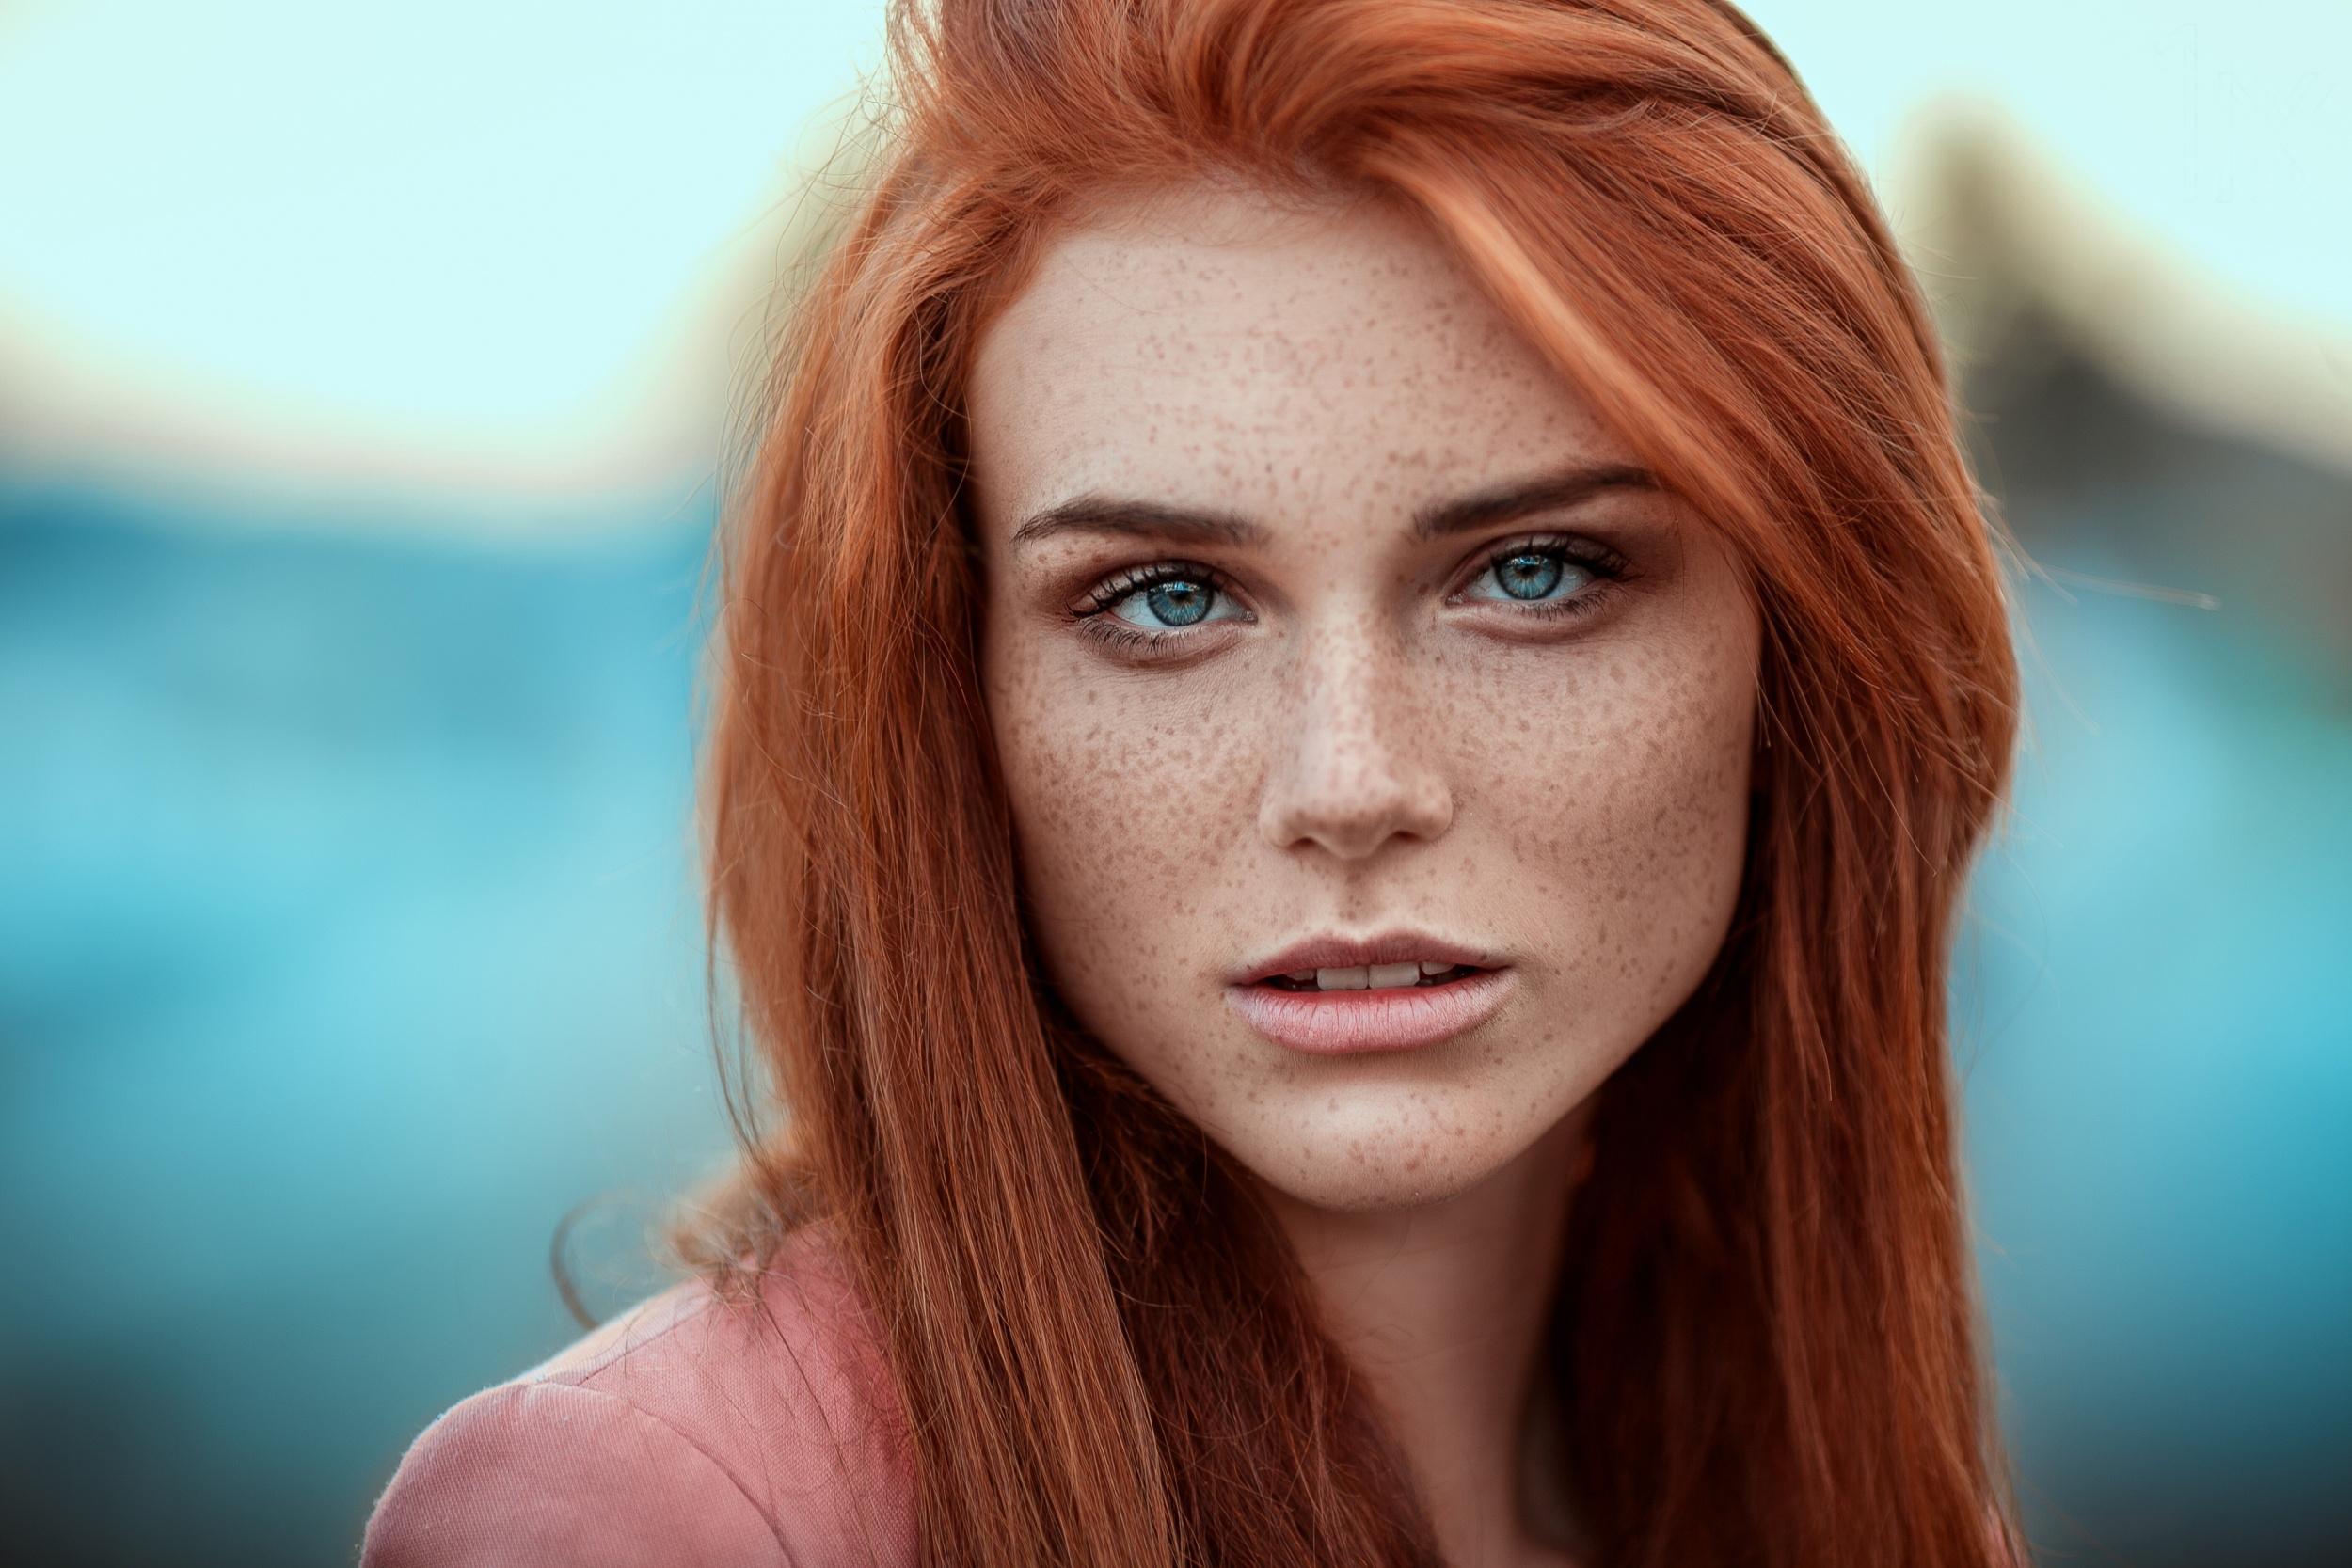 Самые красивые рыжие девушки мира 7 фотография